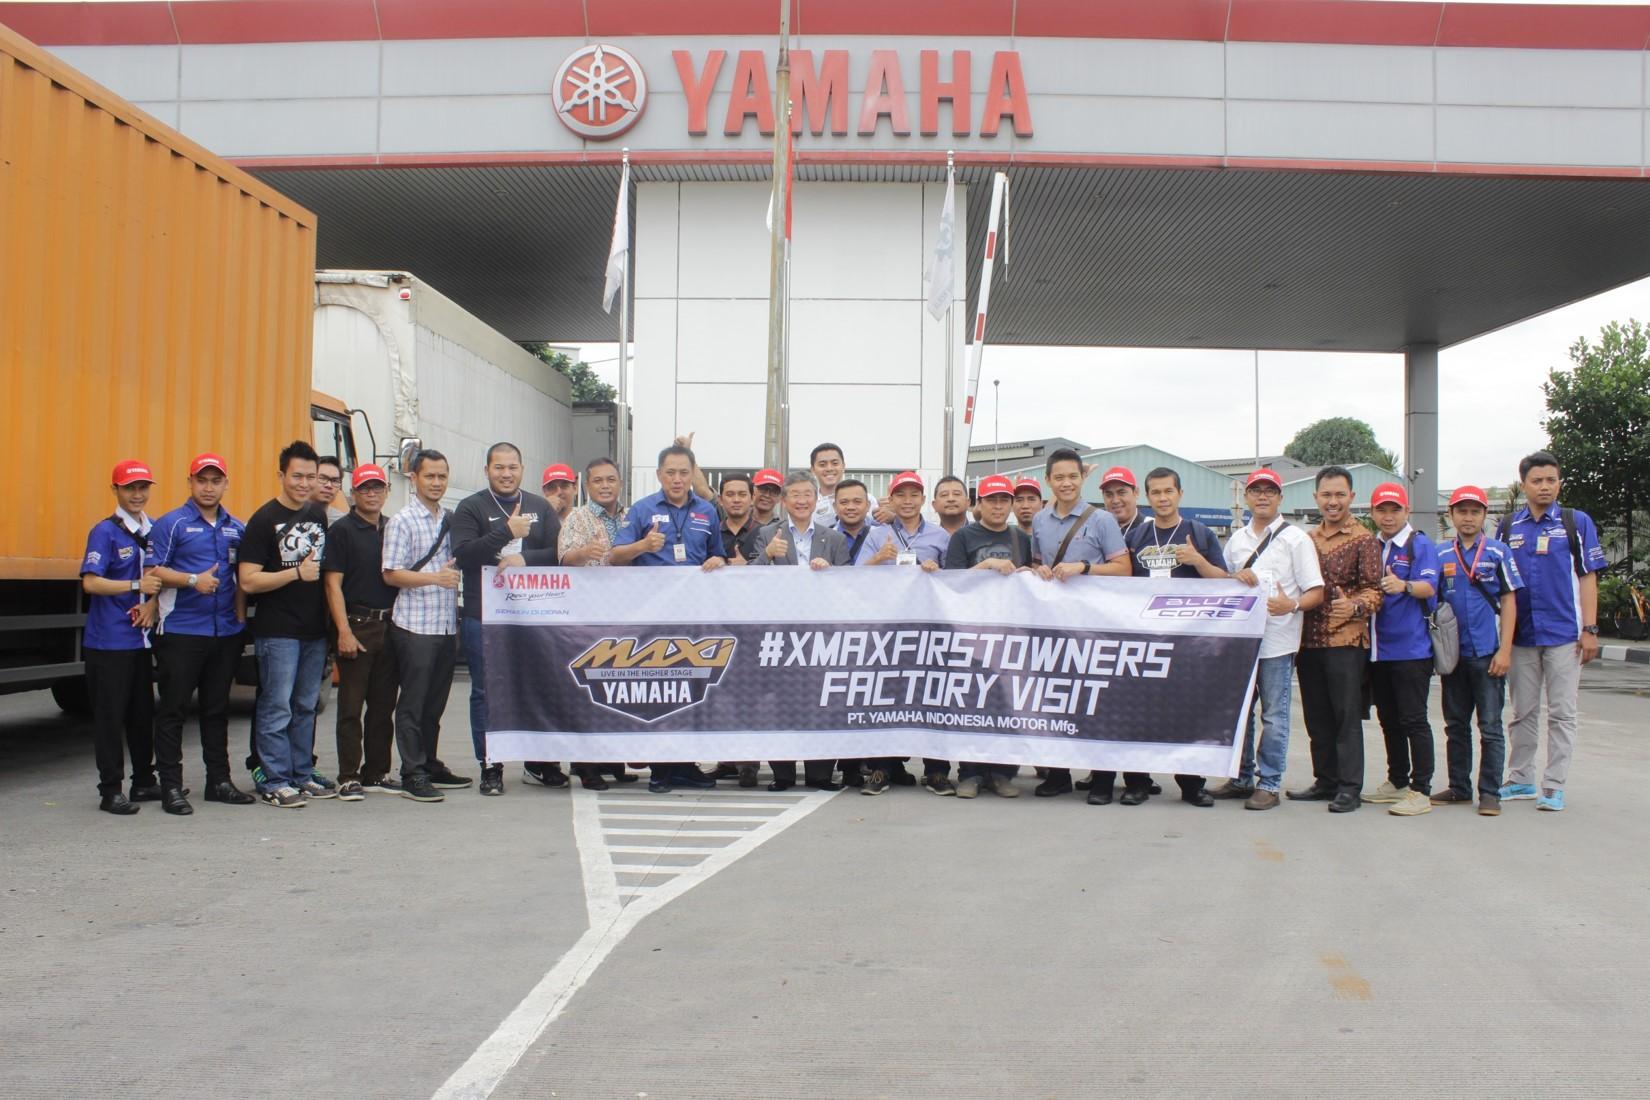 Para Penginden XMax Diundang dalam Yamaha Factory Visit